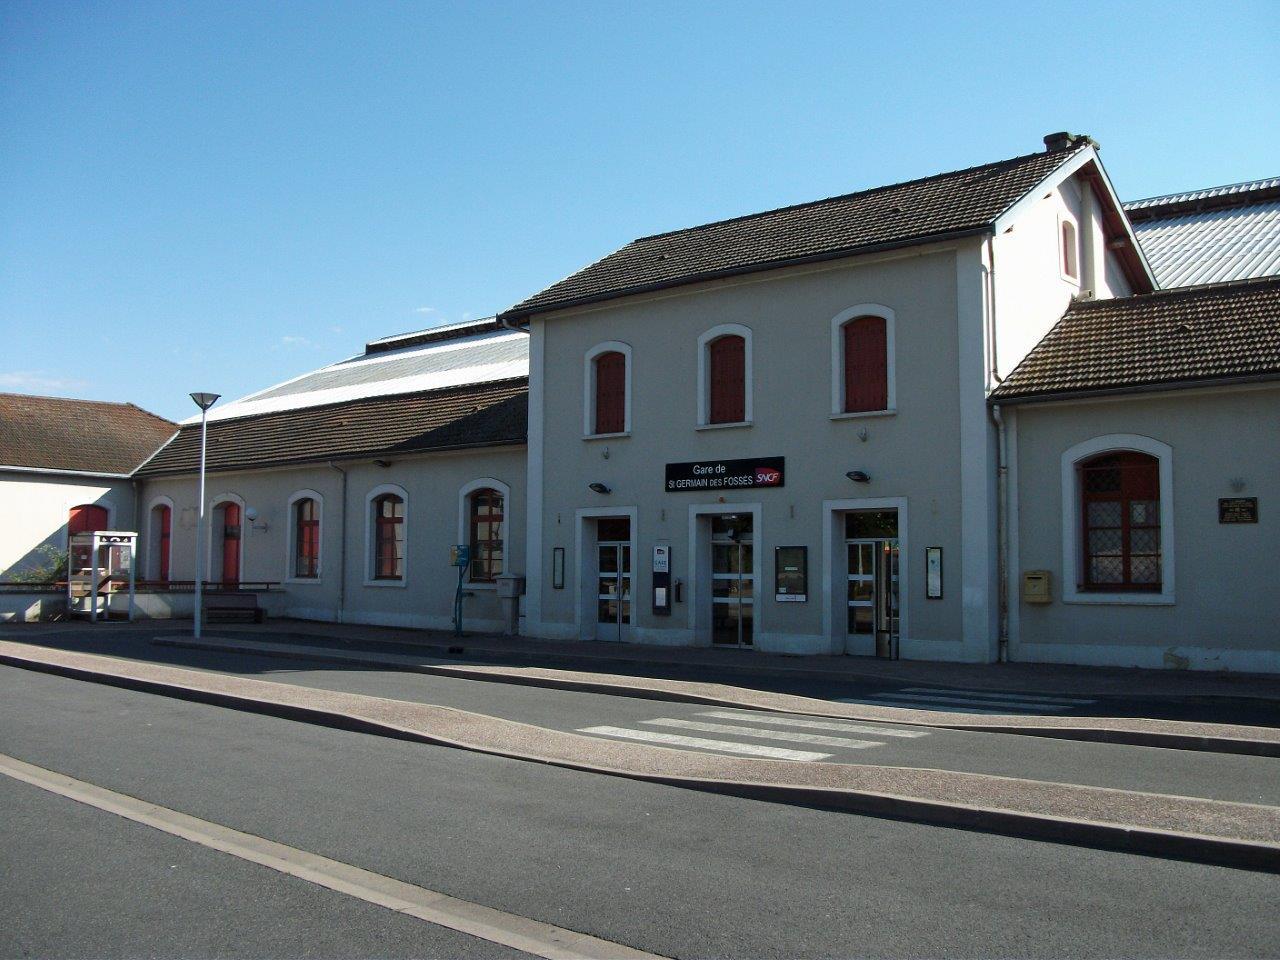 gare-de-saint-germain-des-fosses-train-station